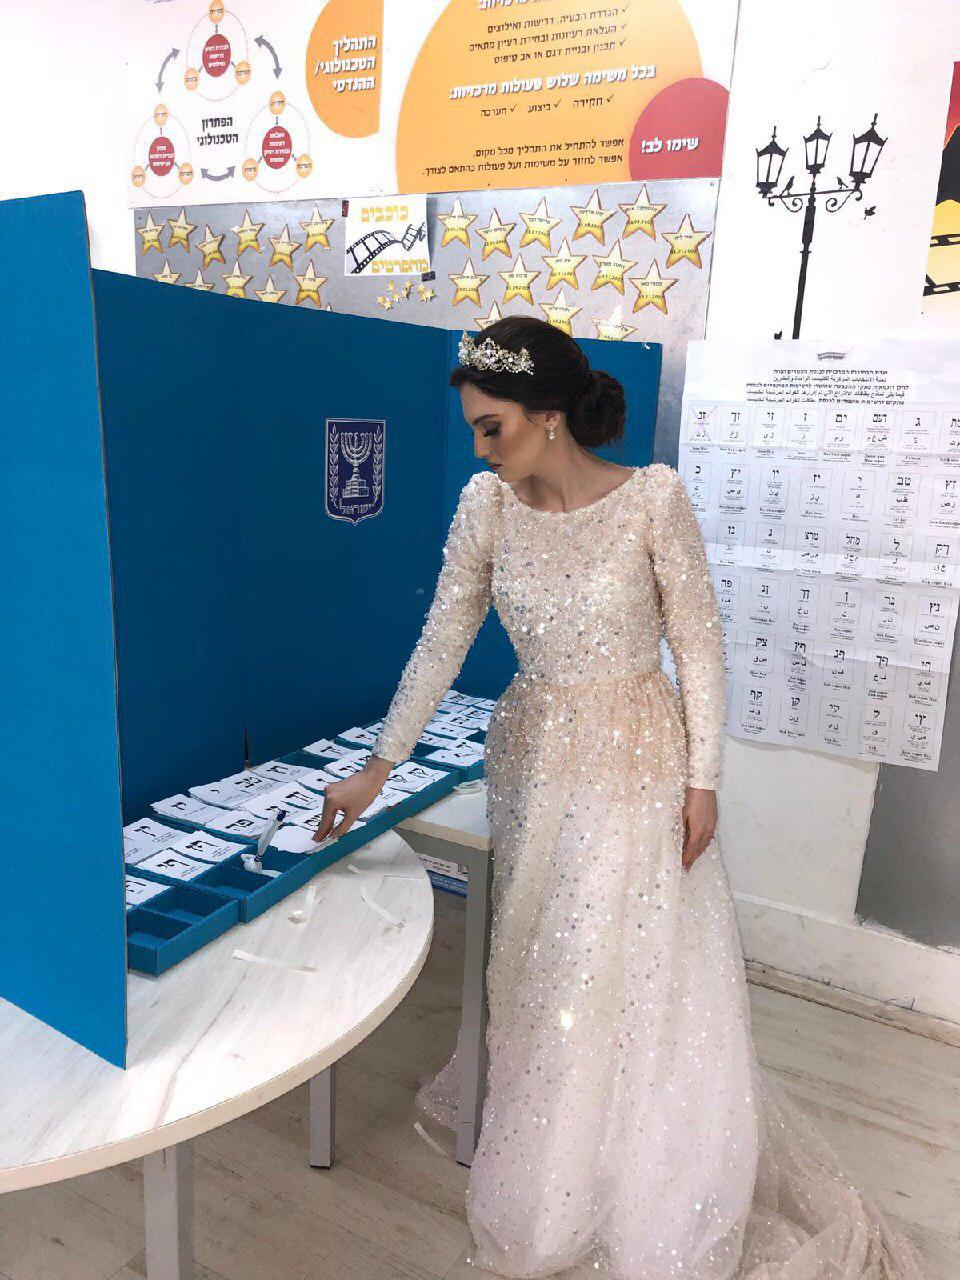 Elecciones en Israel. Pnina Warziski de la ciudad de Ashdod votó con su vestido de novia. Luego se casó